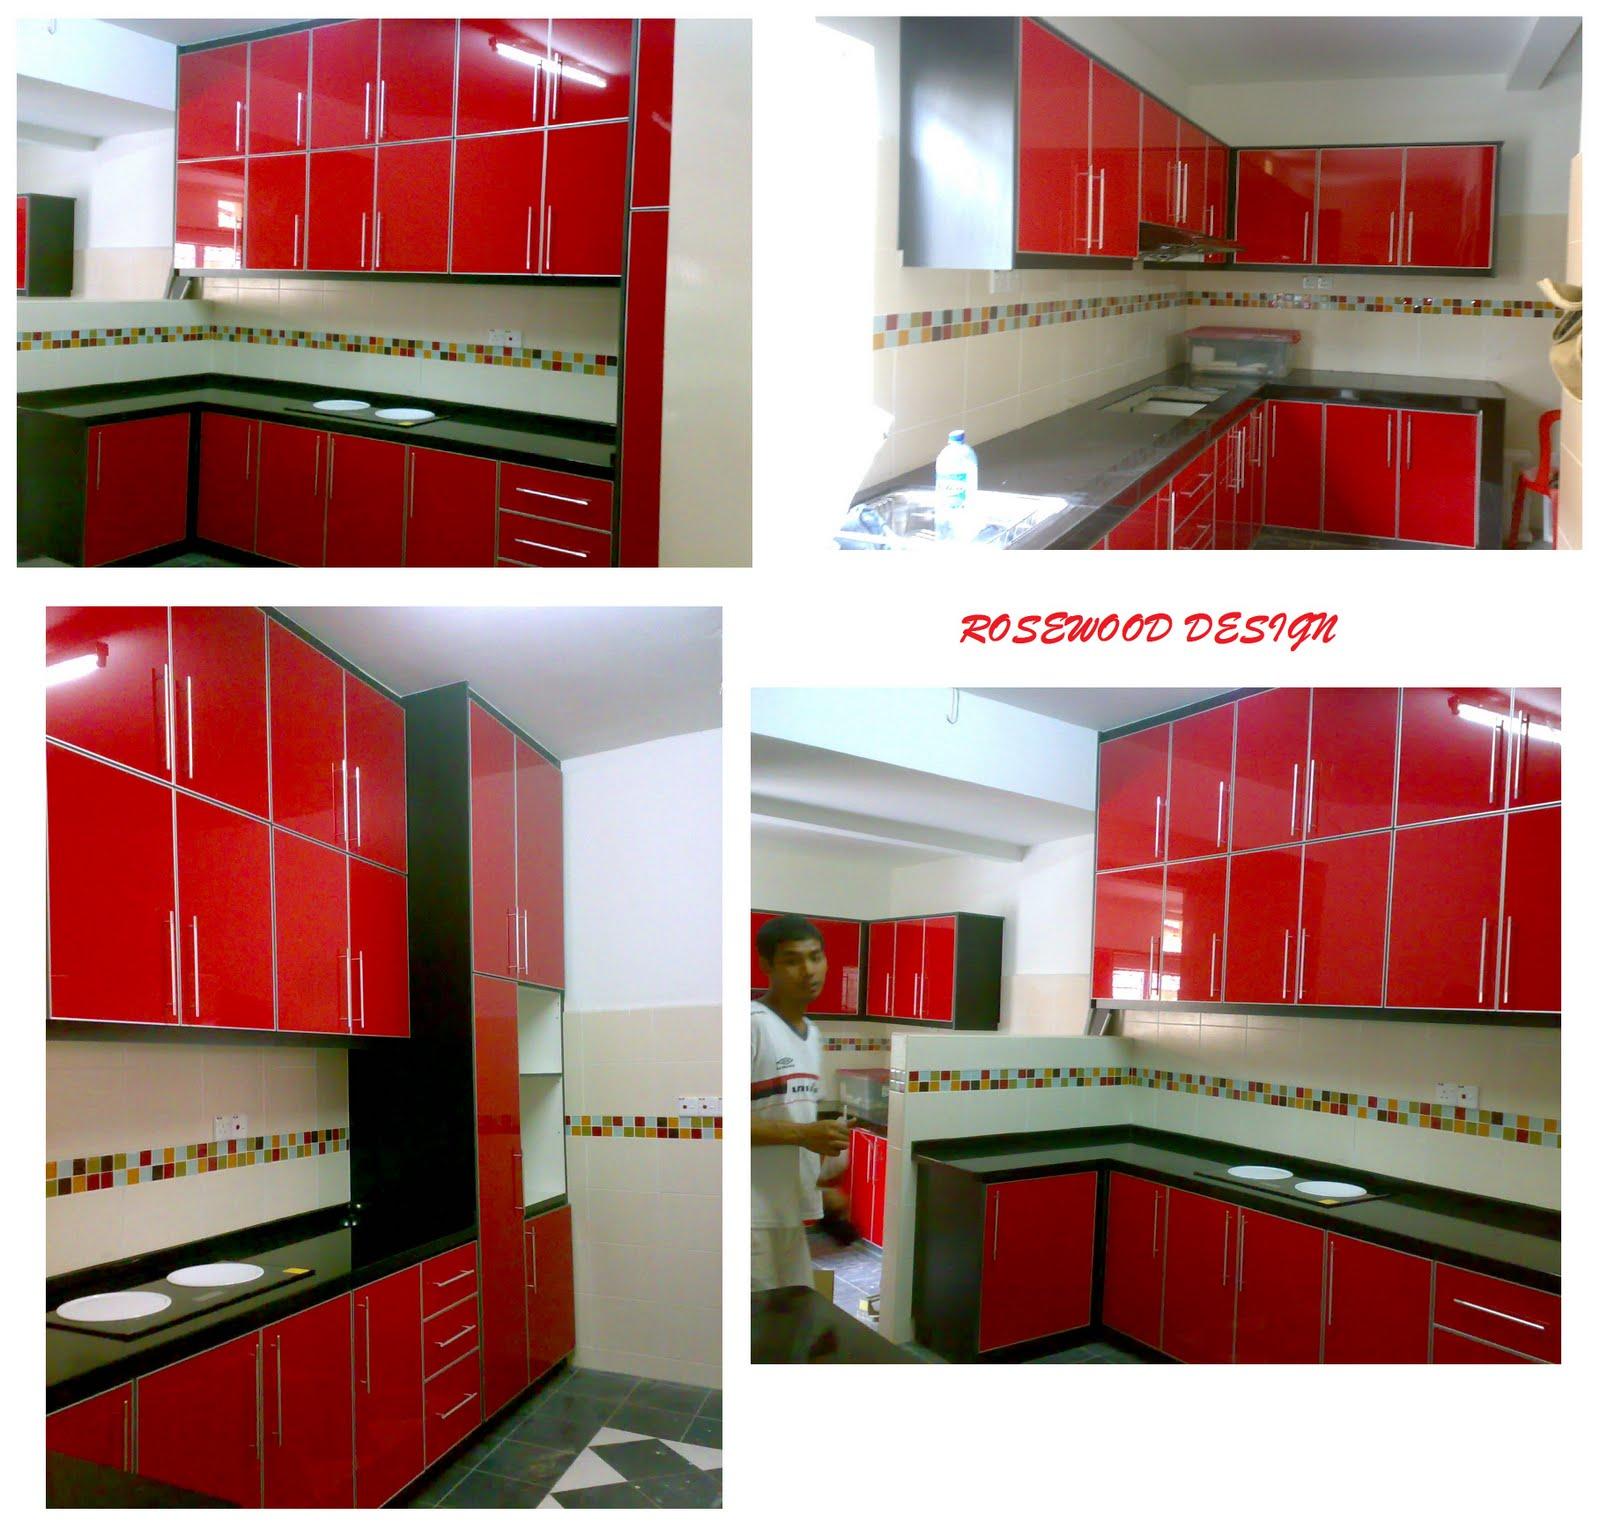 Rosewood Design Kabinet Dapur